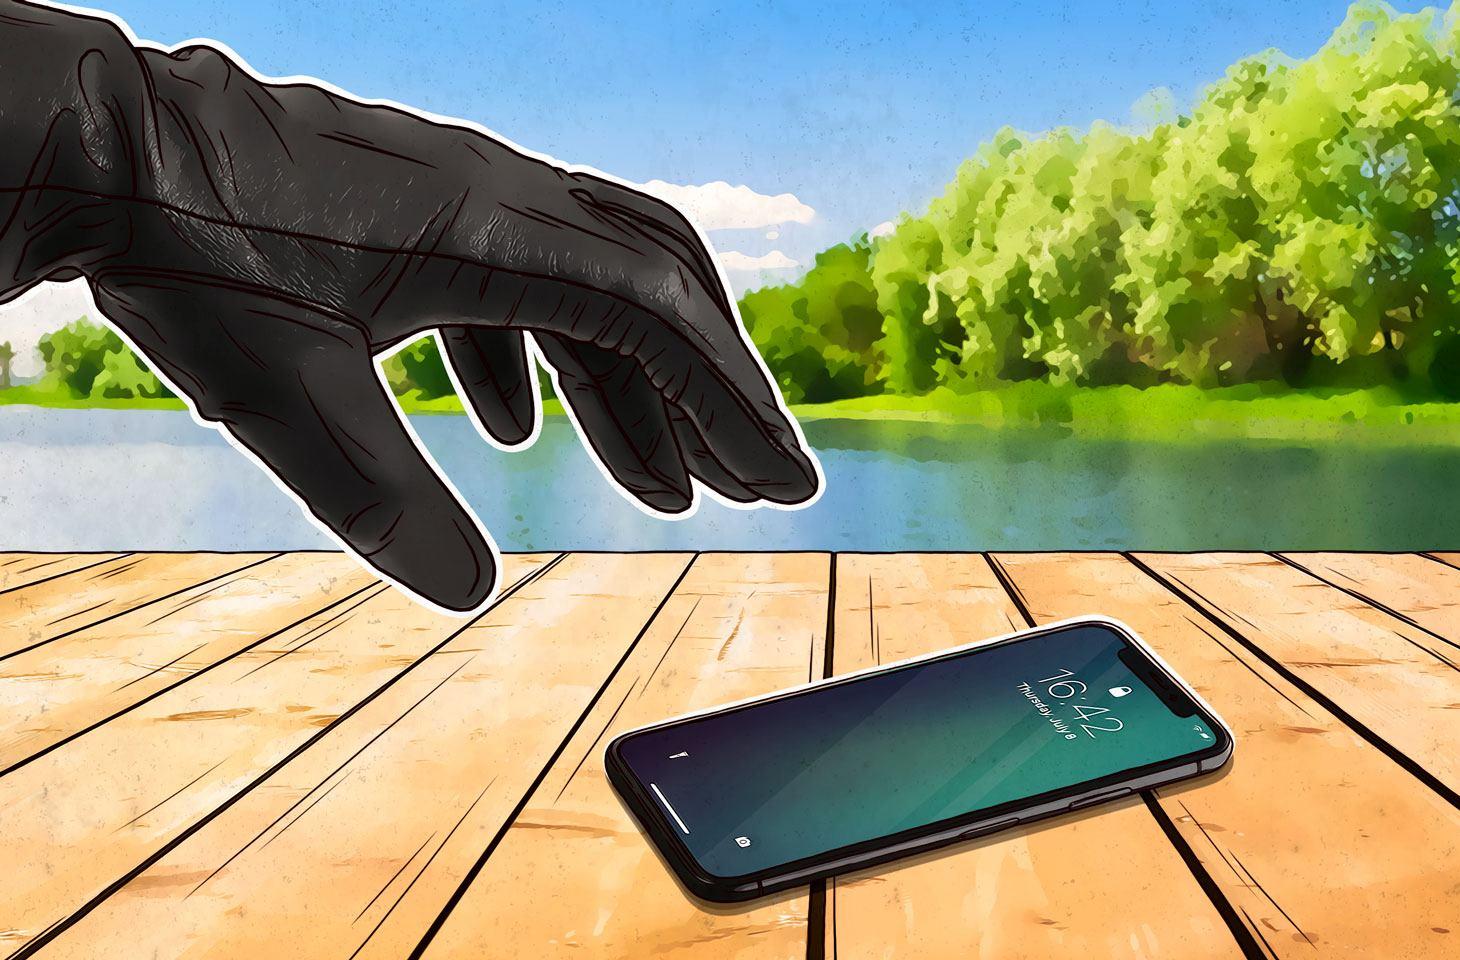 une nouvelle arnaque parvient à dissocier un iPhone volé de l'identifiant Apple de la victime pour le revendre plus cher